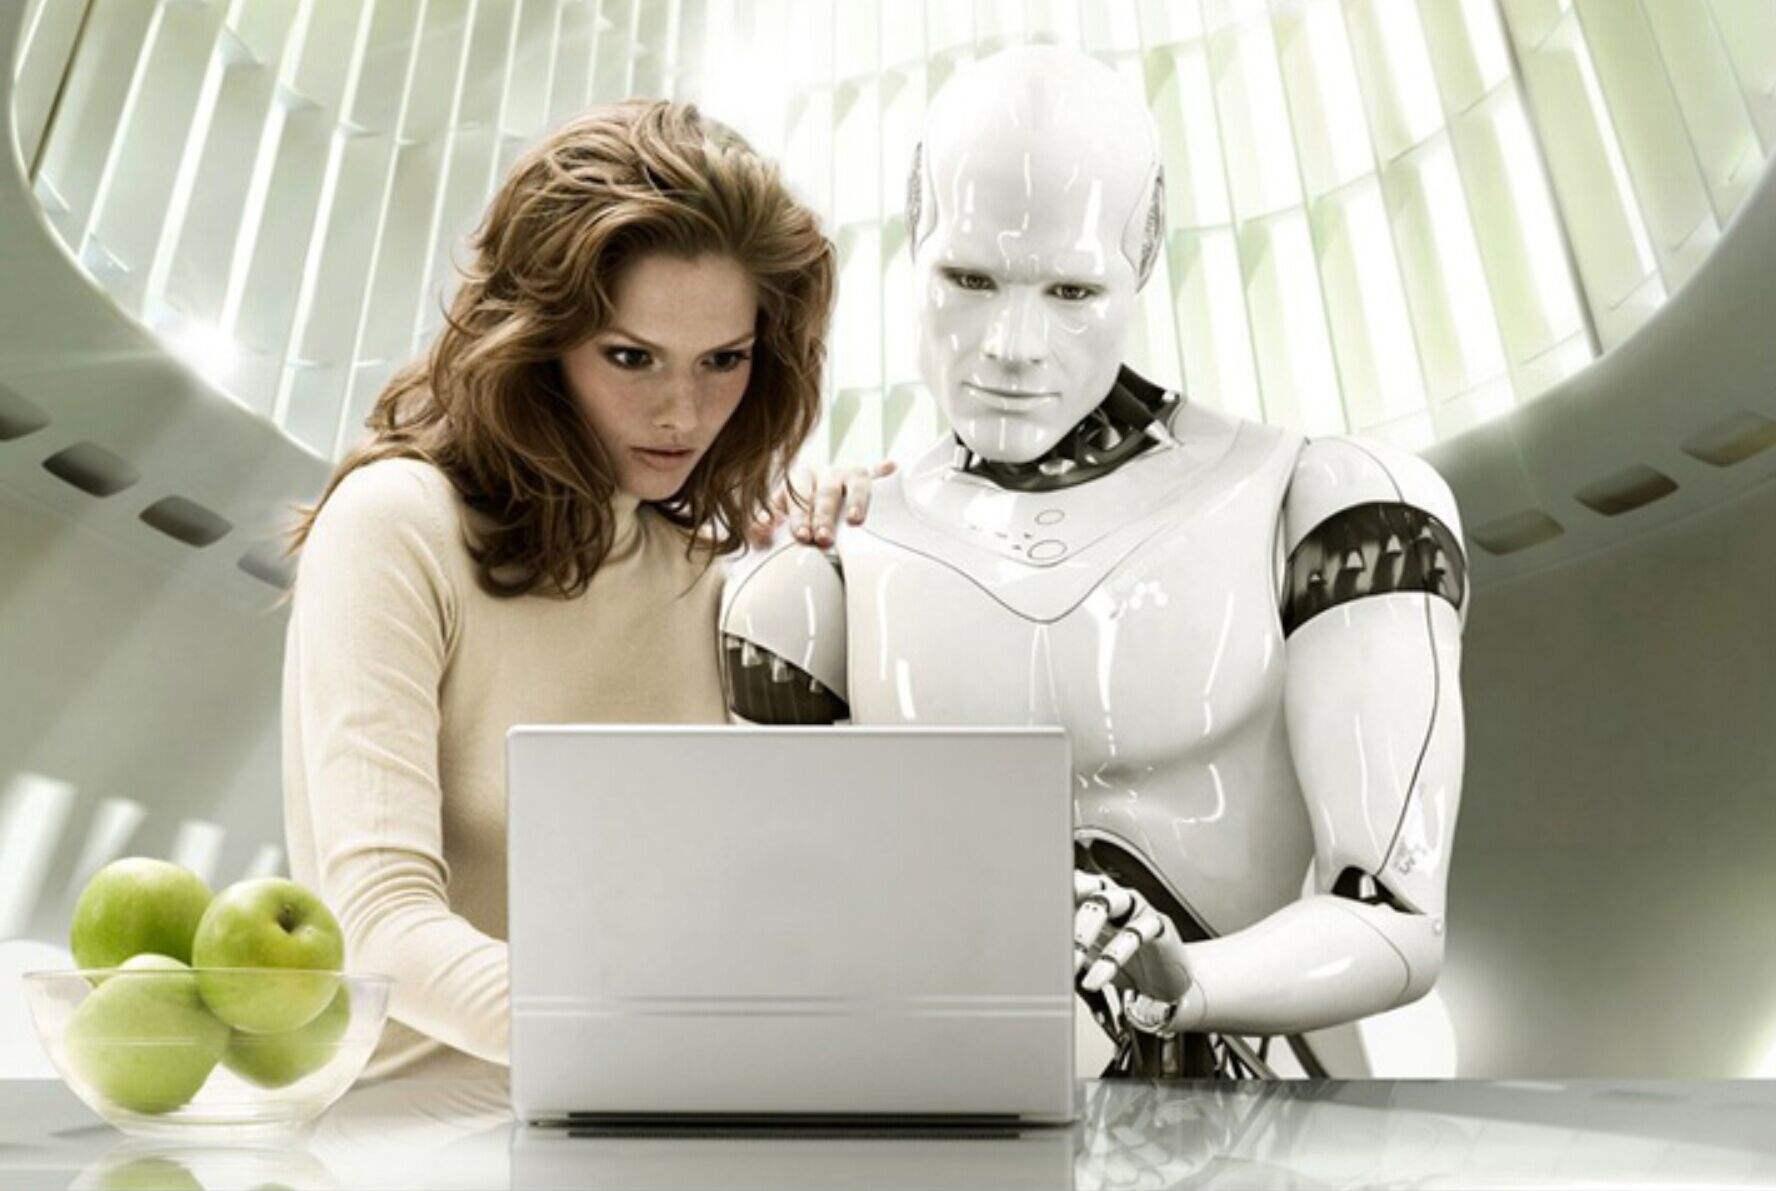 智能机器人时代开启 等待我们去突破